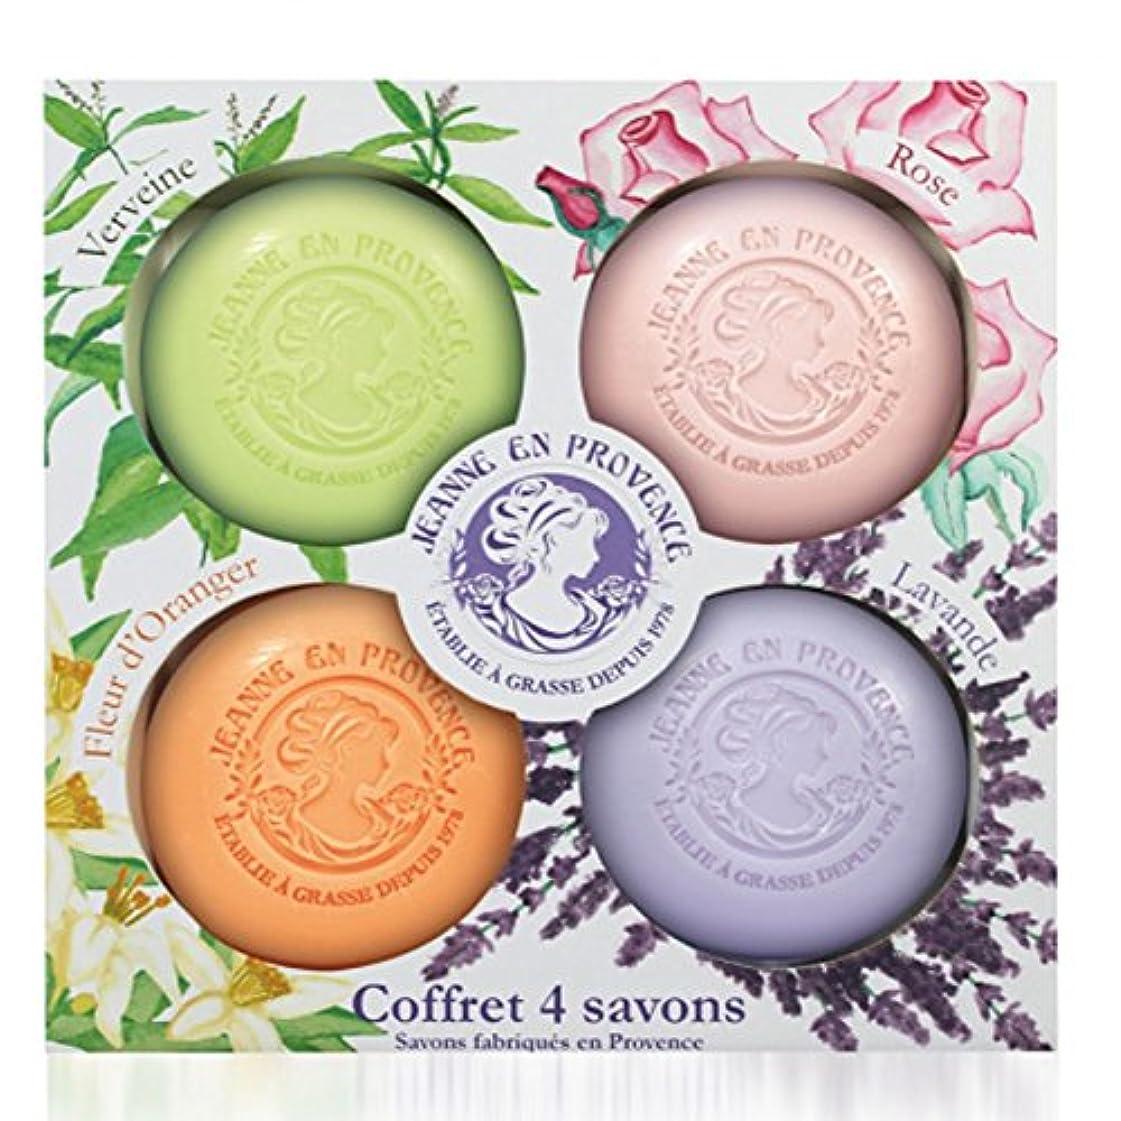 ヘリコプター増幅英語の授業がありますJEANNE EN PROVENCE solid soap, 4 in 1 set (verveine, rose, orange, lavender) make in france 1978, WHITENING &...